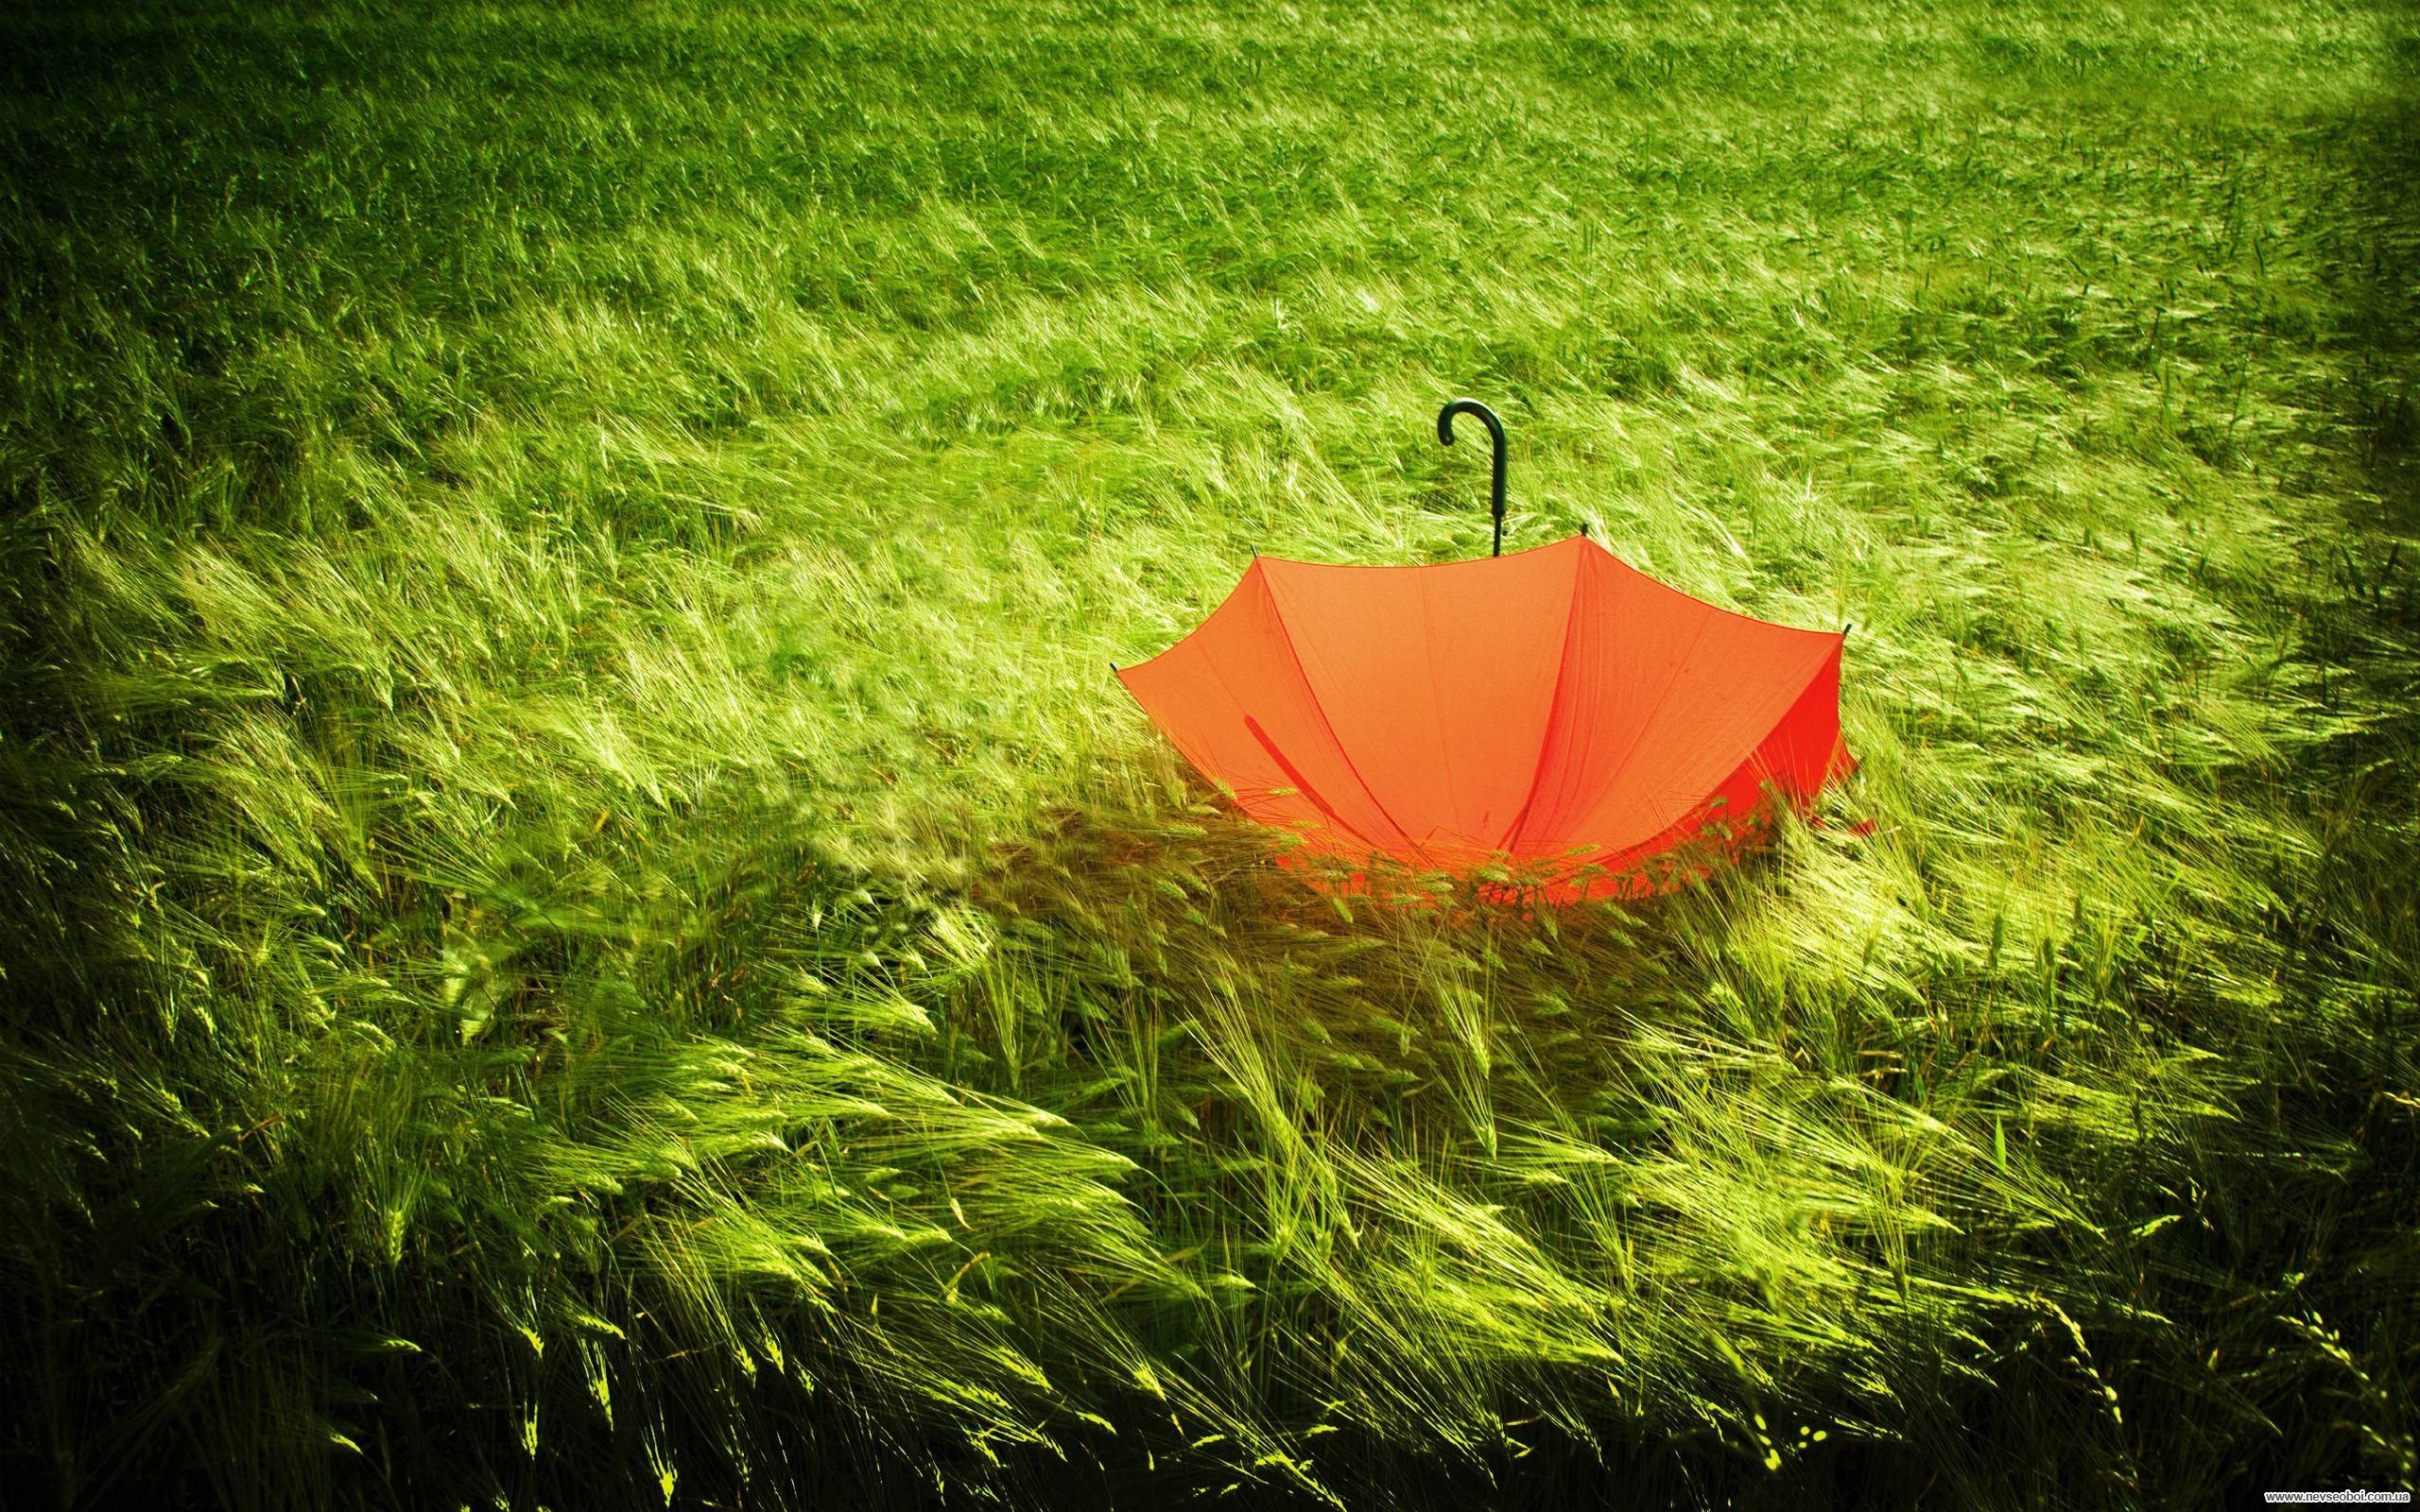 лето, трава, зонтик, скачать фото, обои для рабочего стола